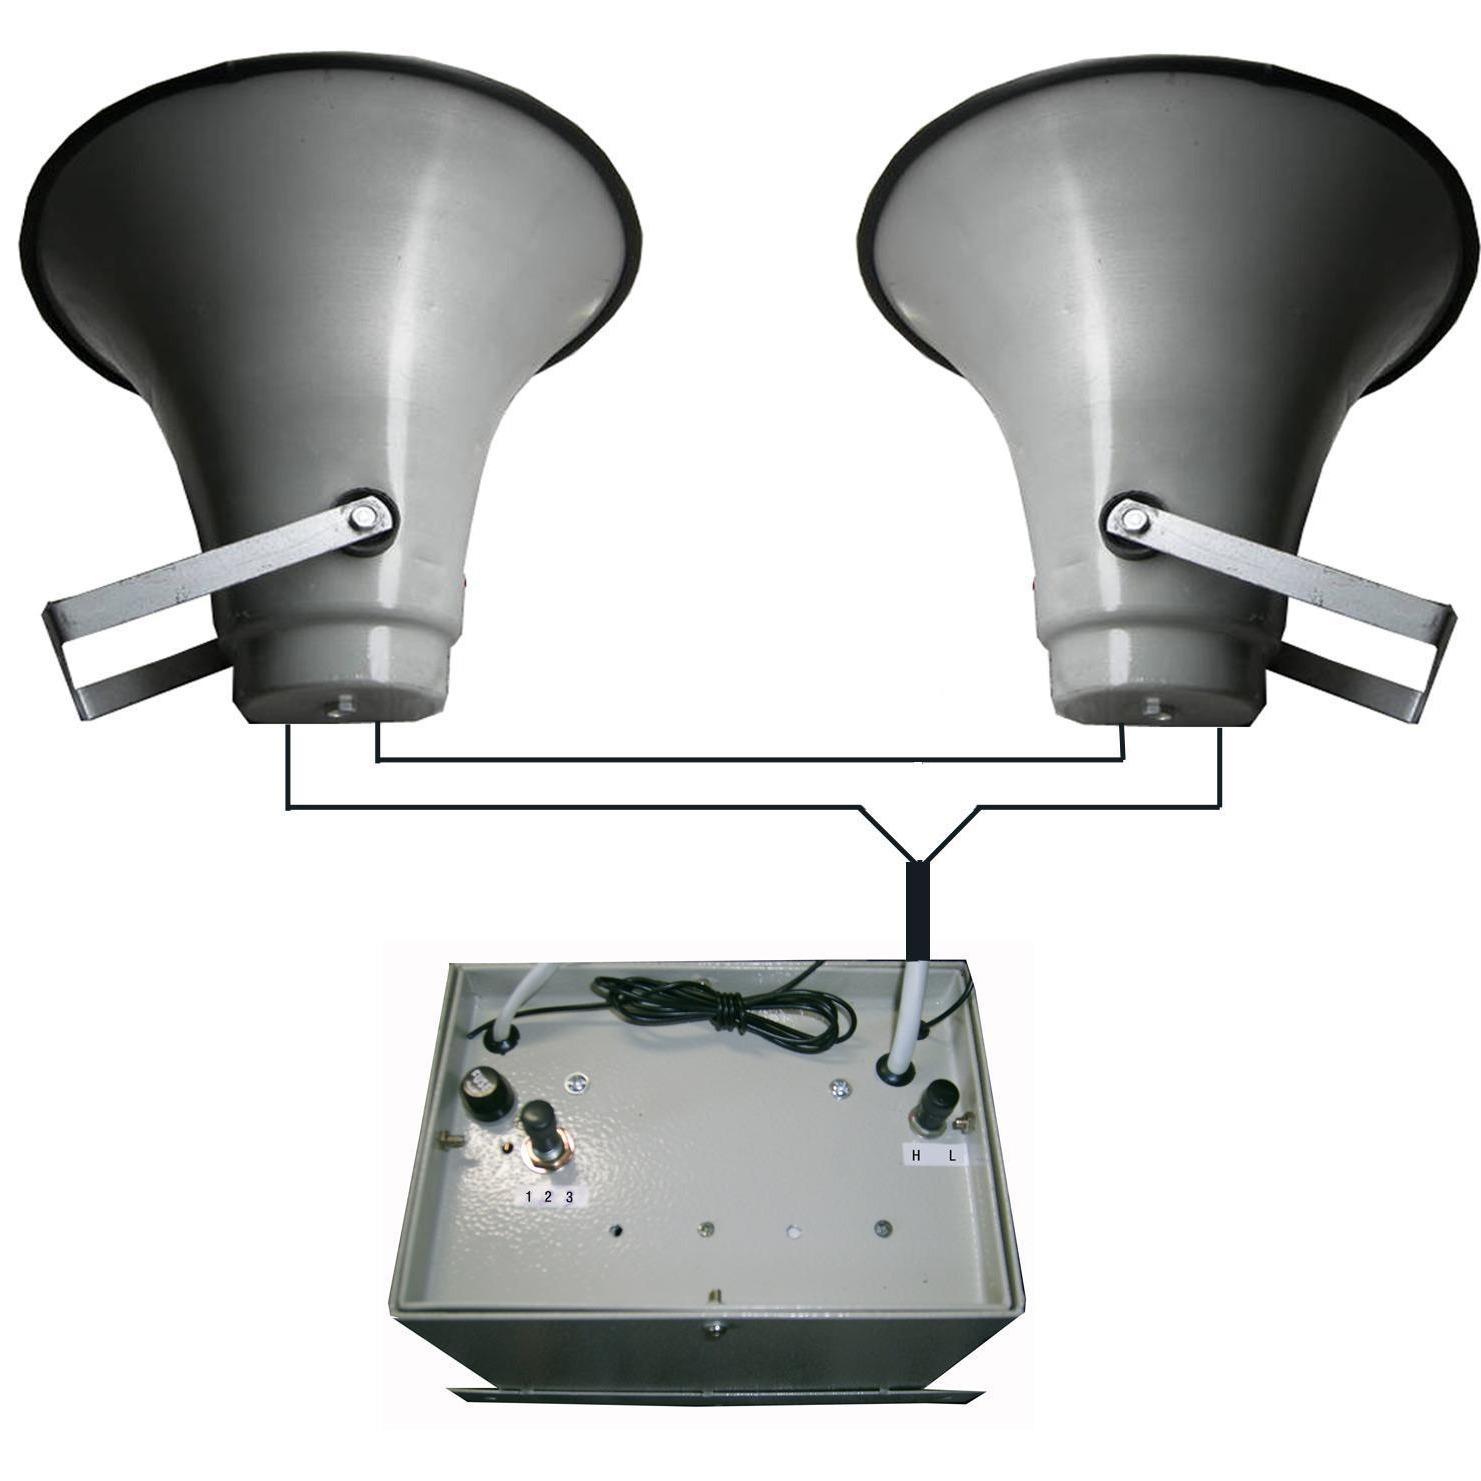 供應農村廣播設備 農村設備 農村無線設備 無線廣播設備 農村設備